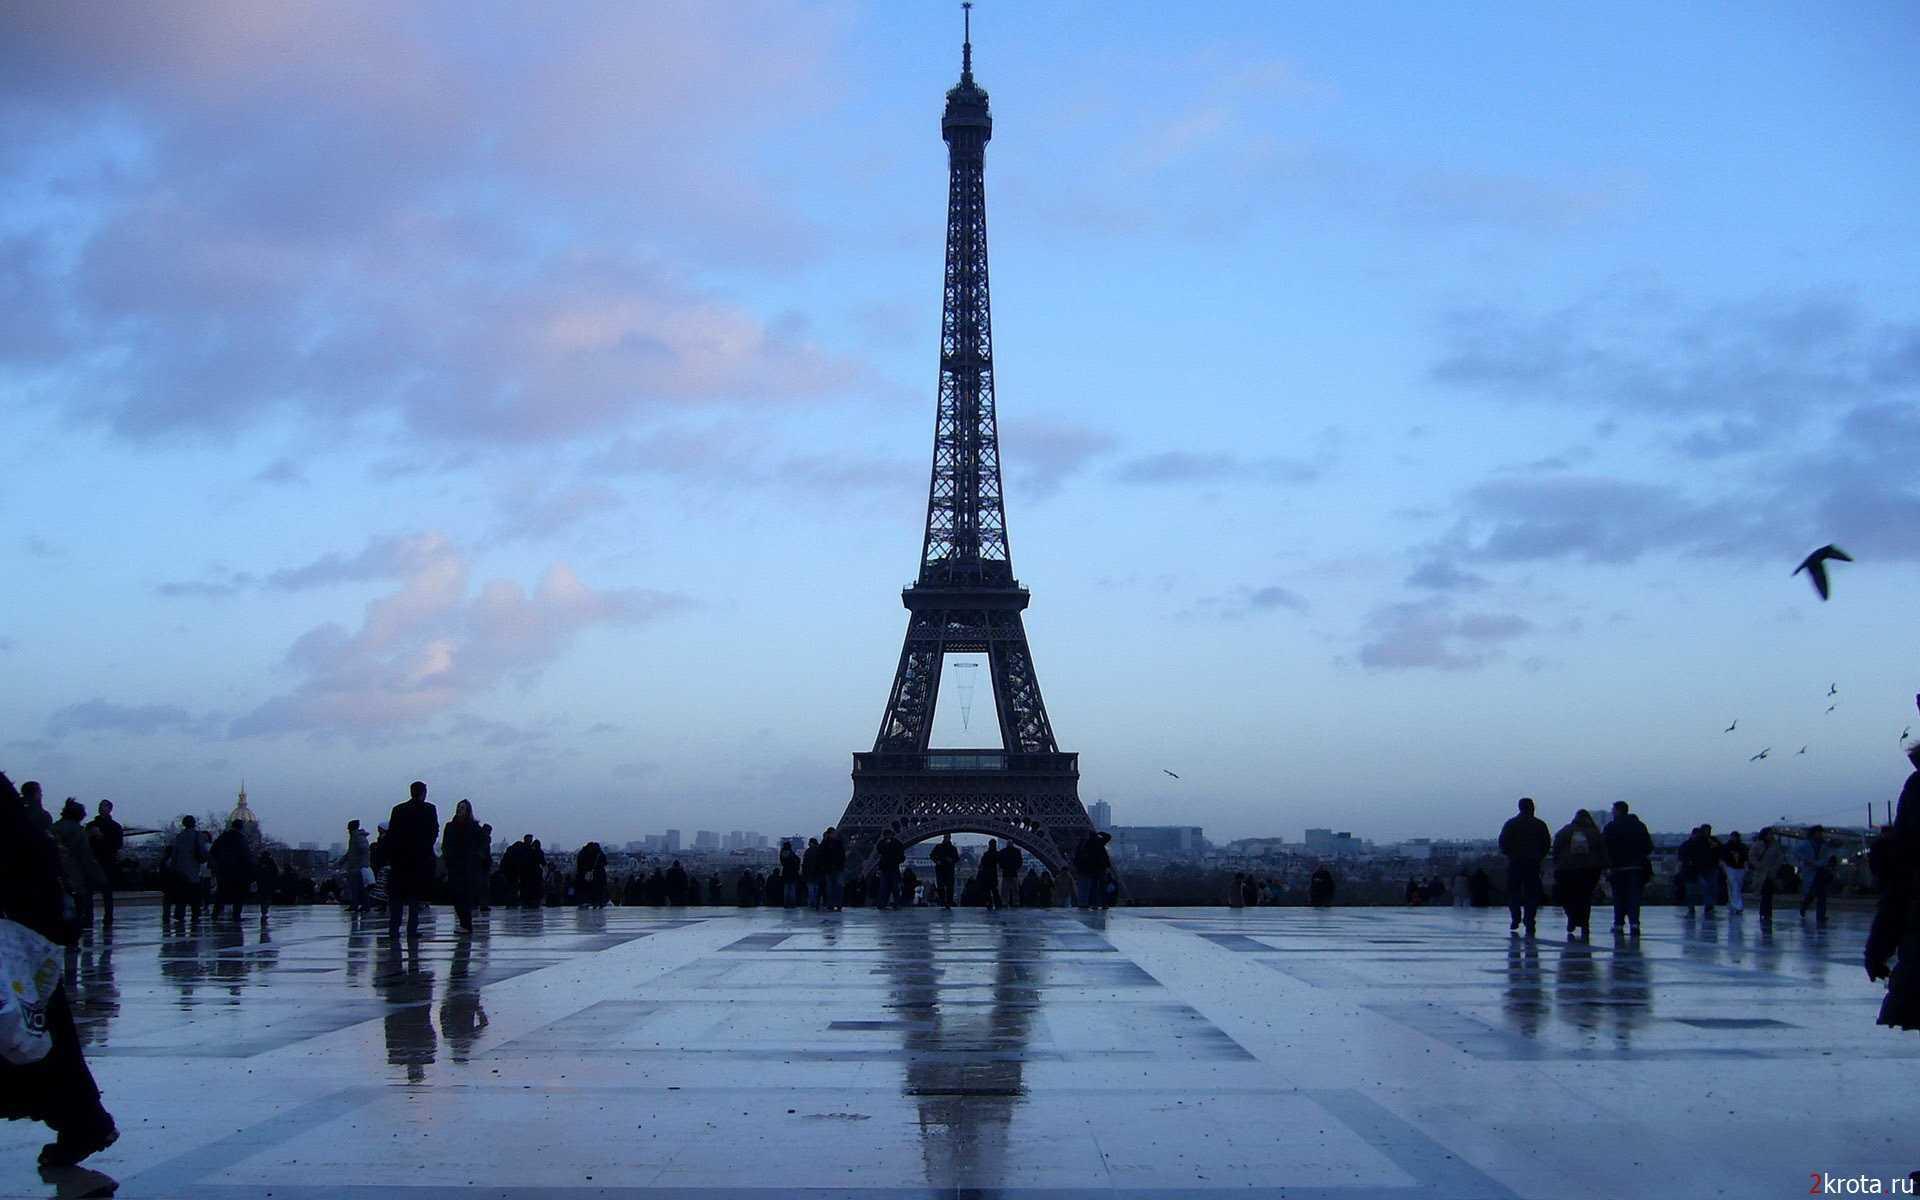 22842 скачать обои Пейзаж, Города, Архитектура, Париж, Эйфелева Башня - заставки и картинки бесплатно